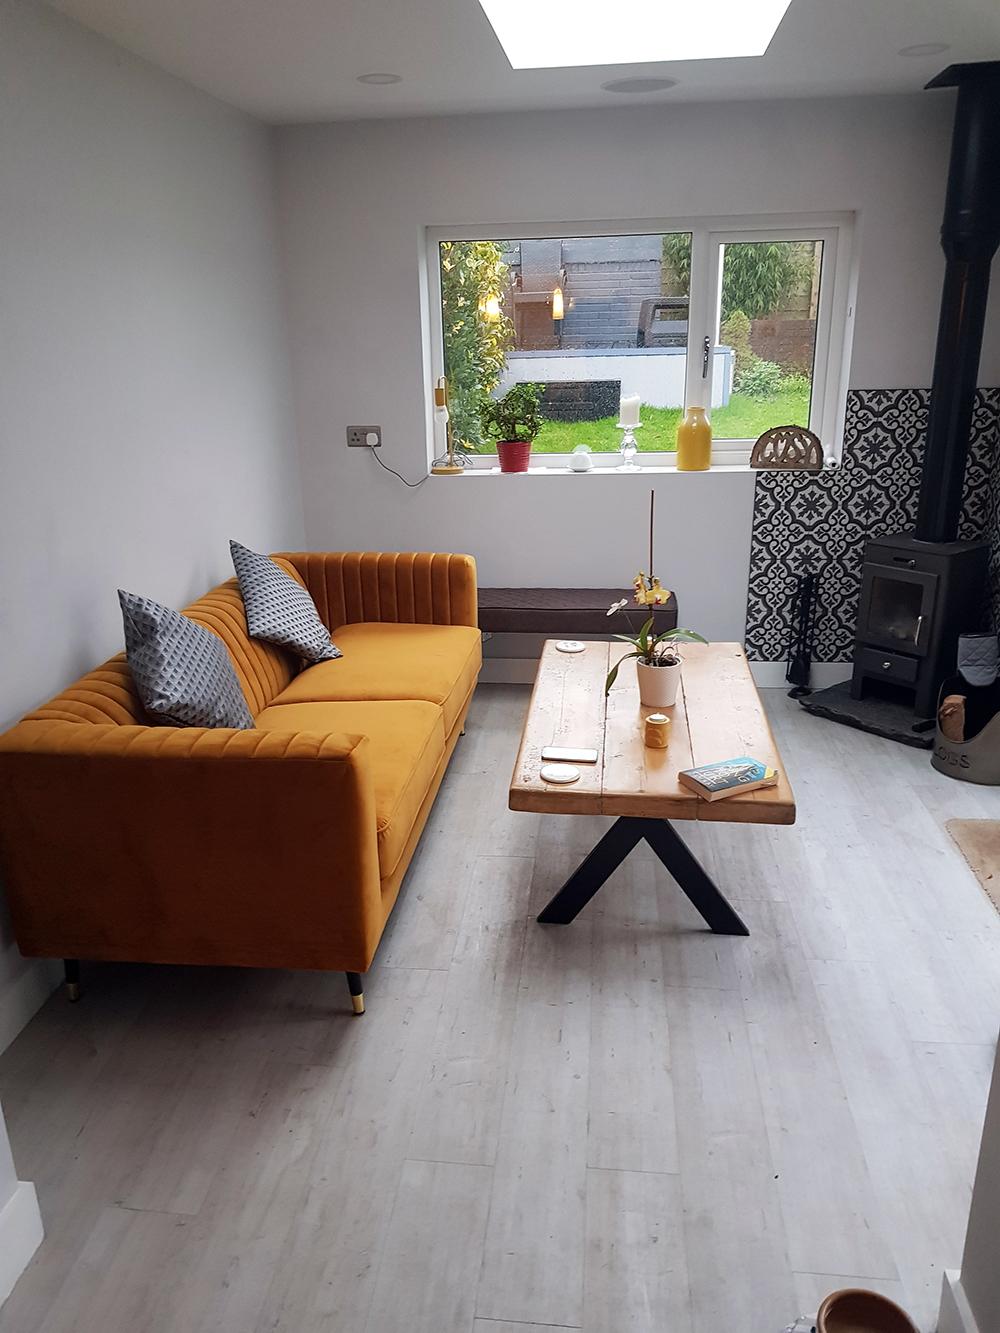 Sofa trzyosobowa Slender w kolorze musztardowym